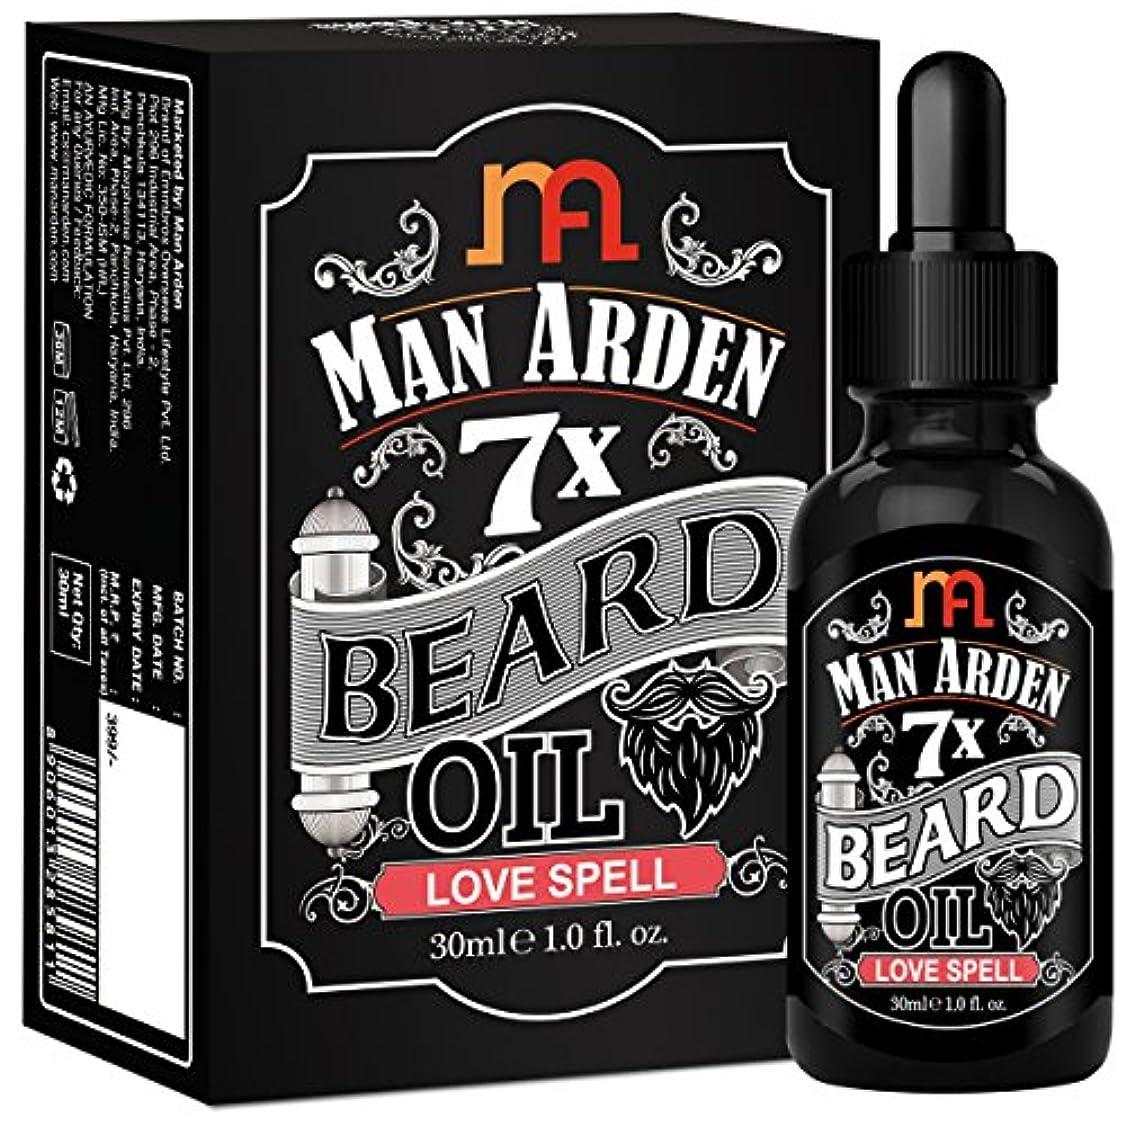 ペンフレンドファンドジョブMan Arden 7X Beard Oil 30ml (Love Spell) - 7 Premium Oils Blend For Beard Growth & Nourishment